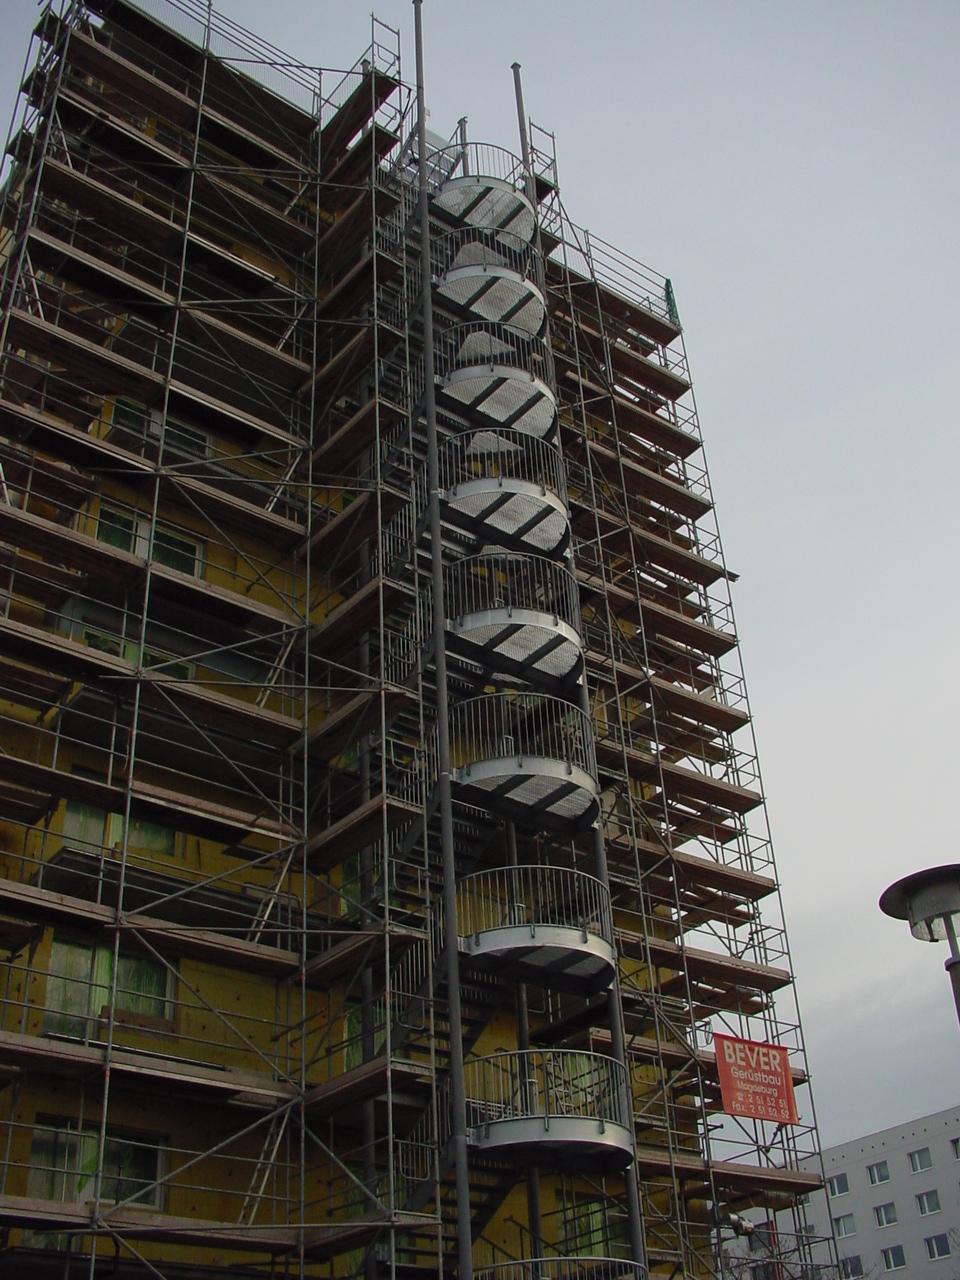 Magdeburg Architektur stahl und architektur ingplan gmbh magdeburg